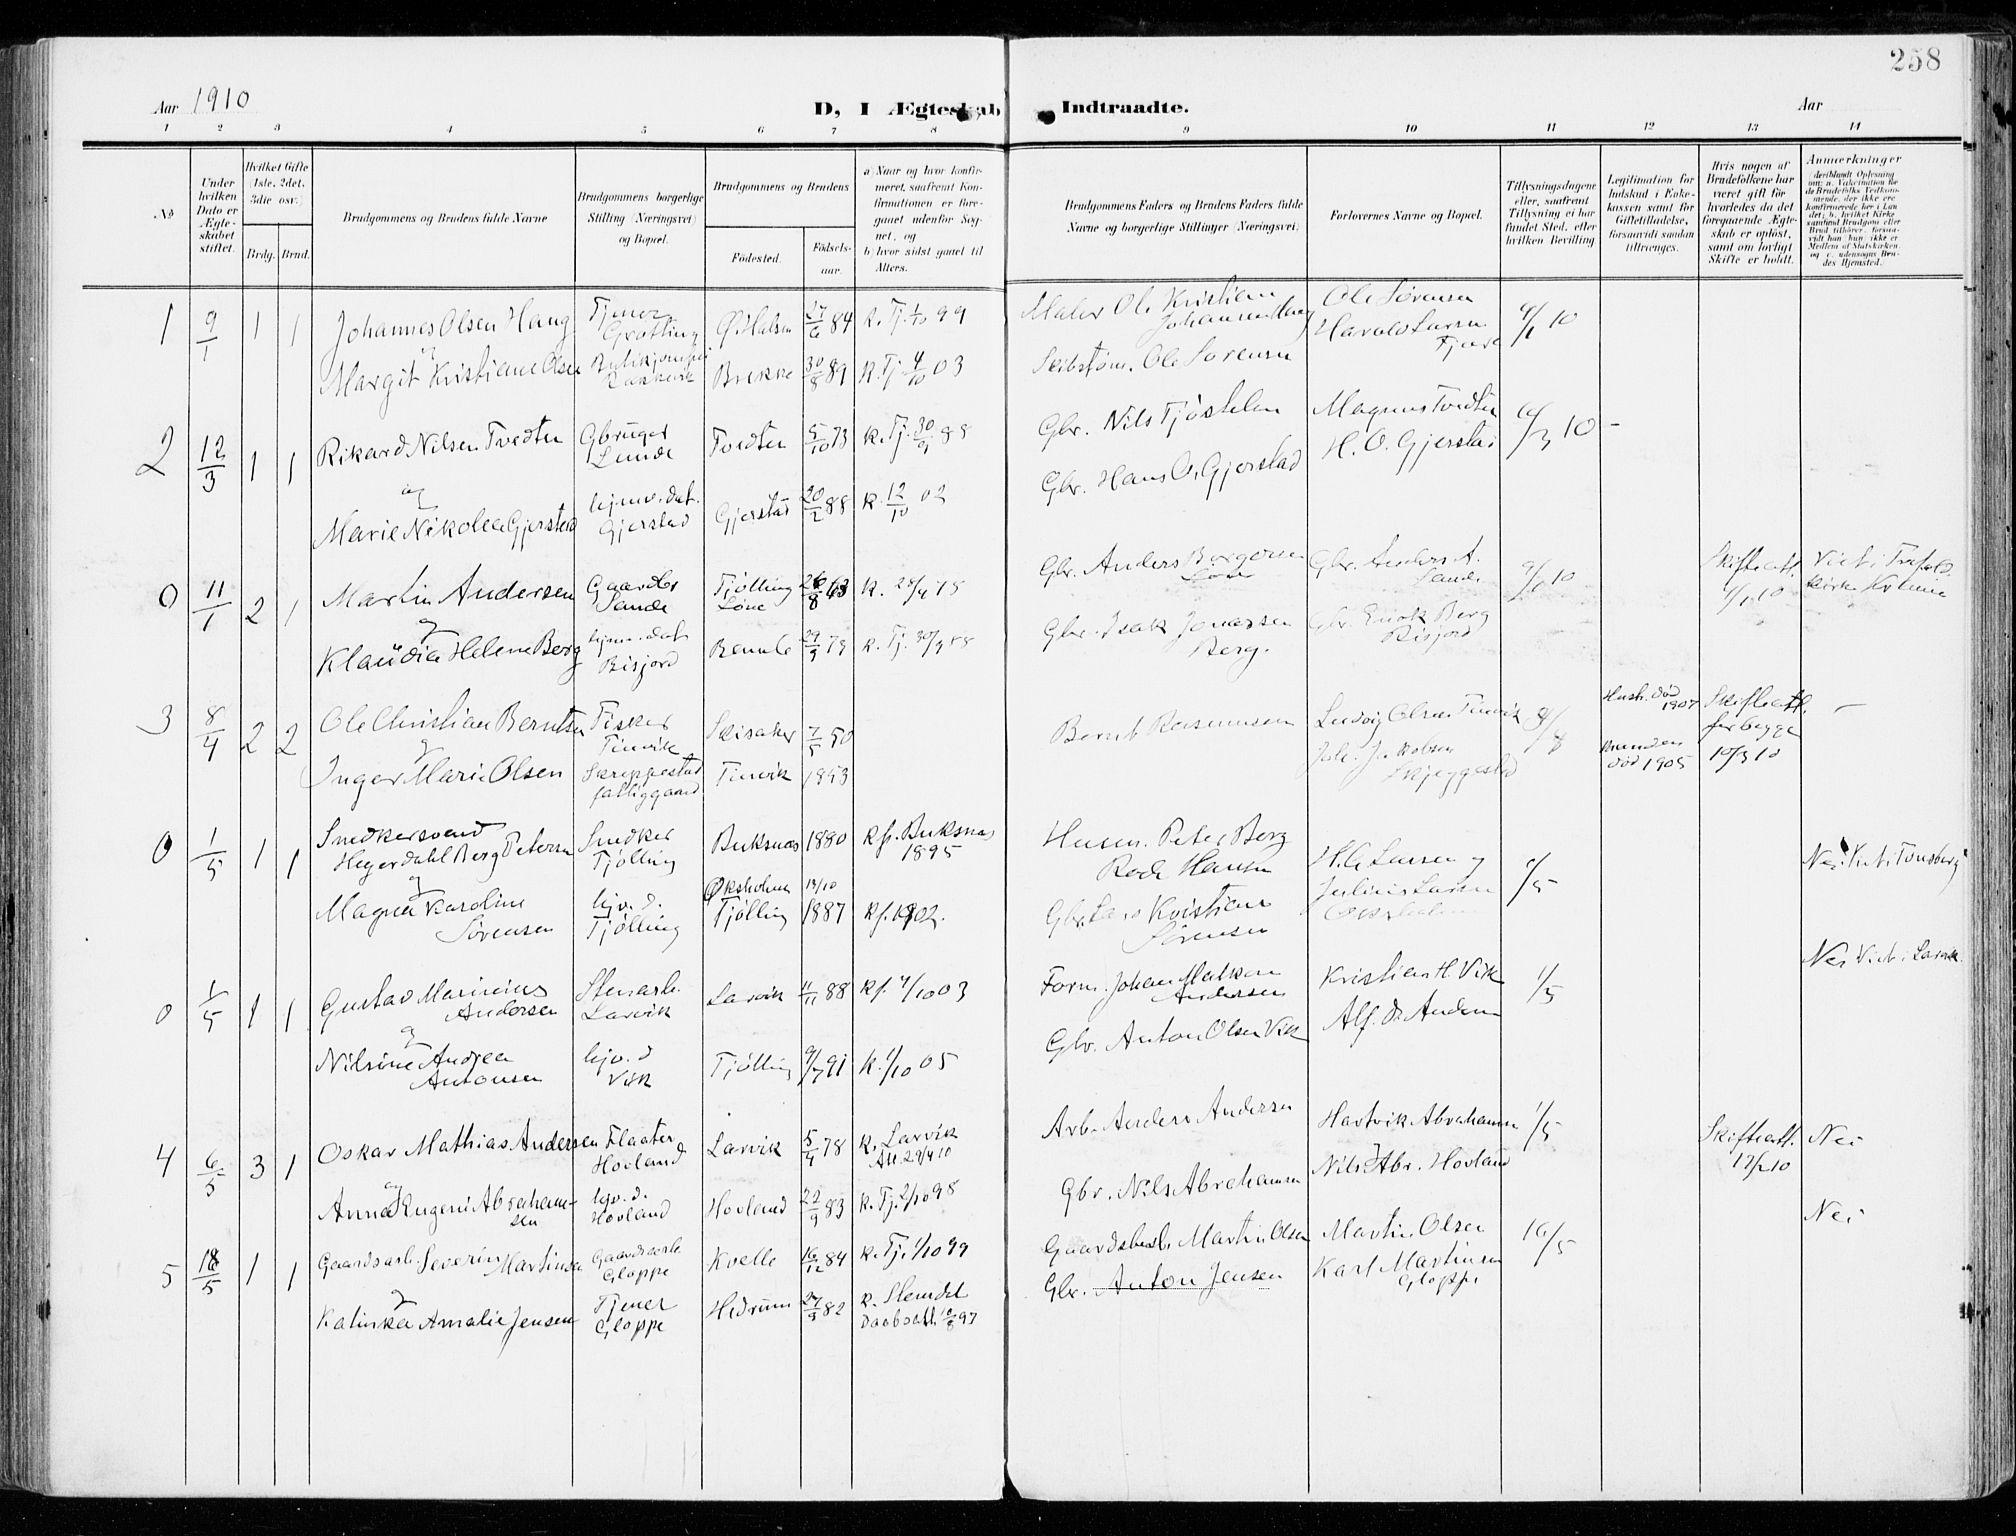 SAKO, Tjølling kirkebøker, F/Fa/L0010: Parish register (official) no. 10, 1906-1923, p. 258